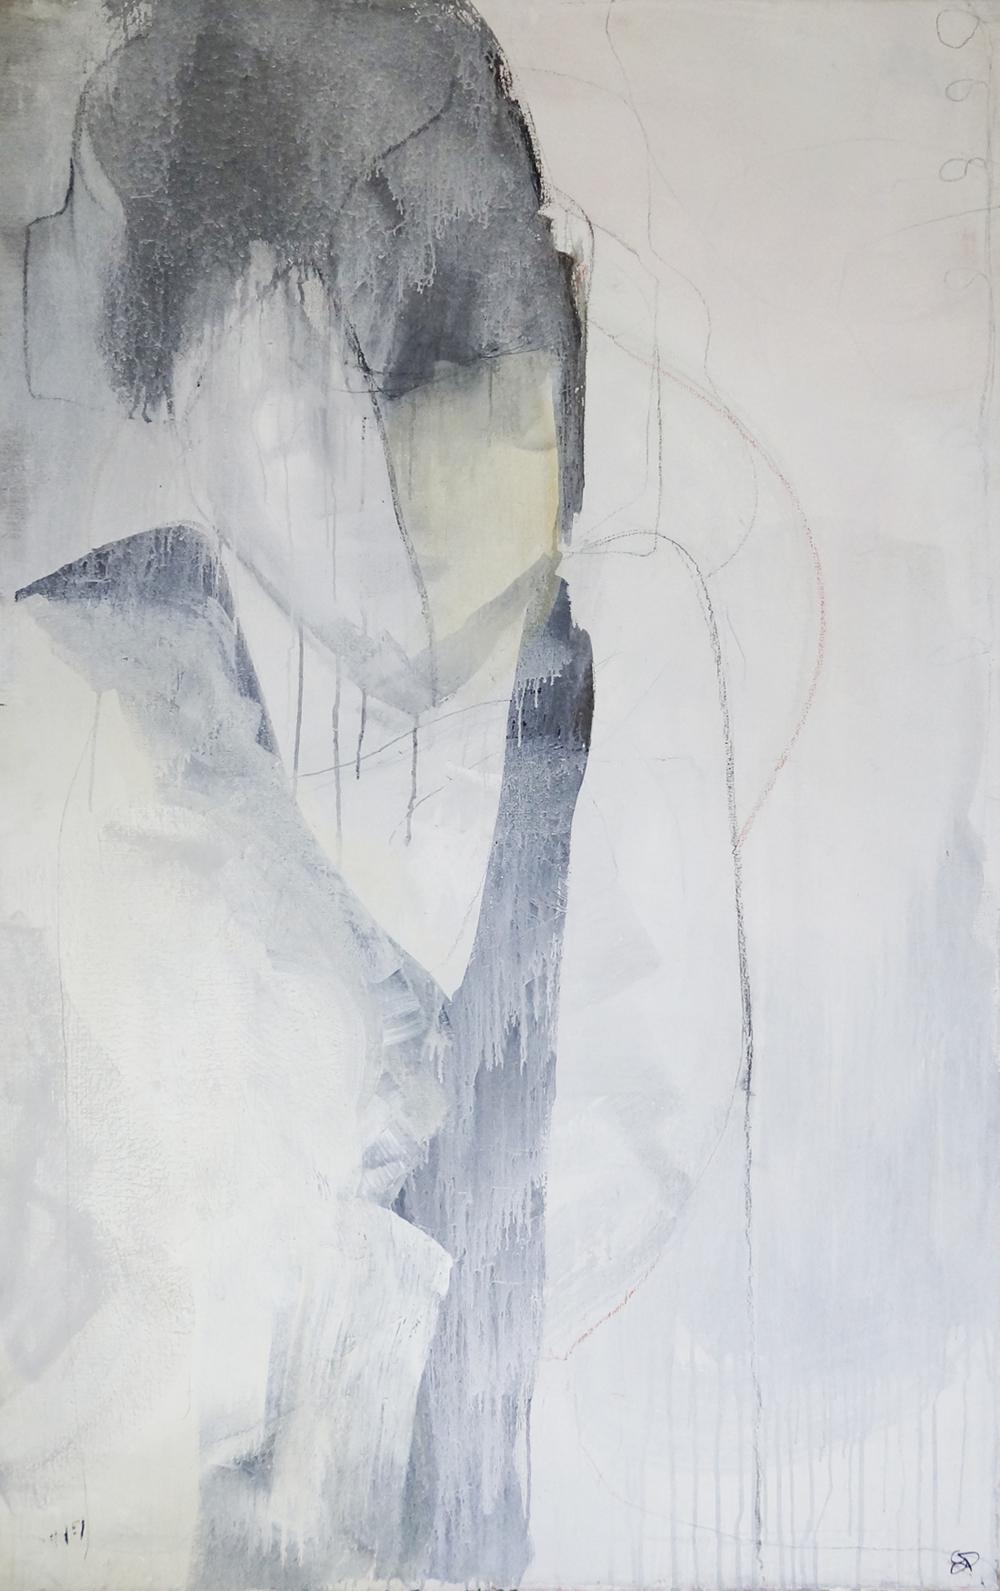 Mädchen im kleinen Schwarzen, Acryl/Graphit/Ölkreide/Leinwand, 2008, 175x110cm